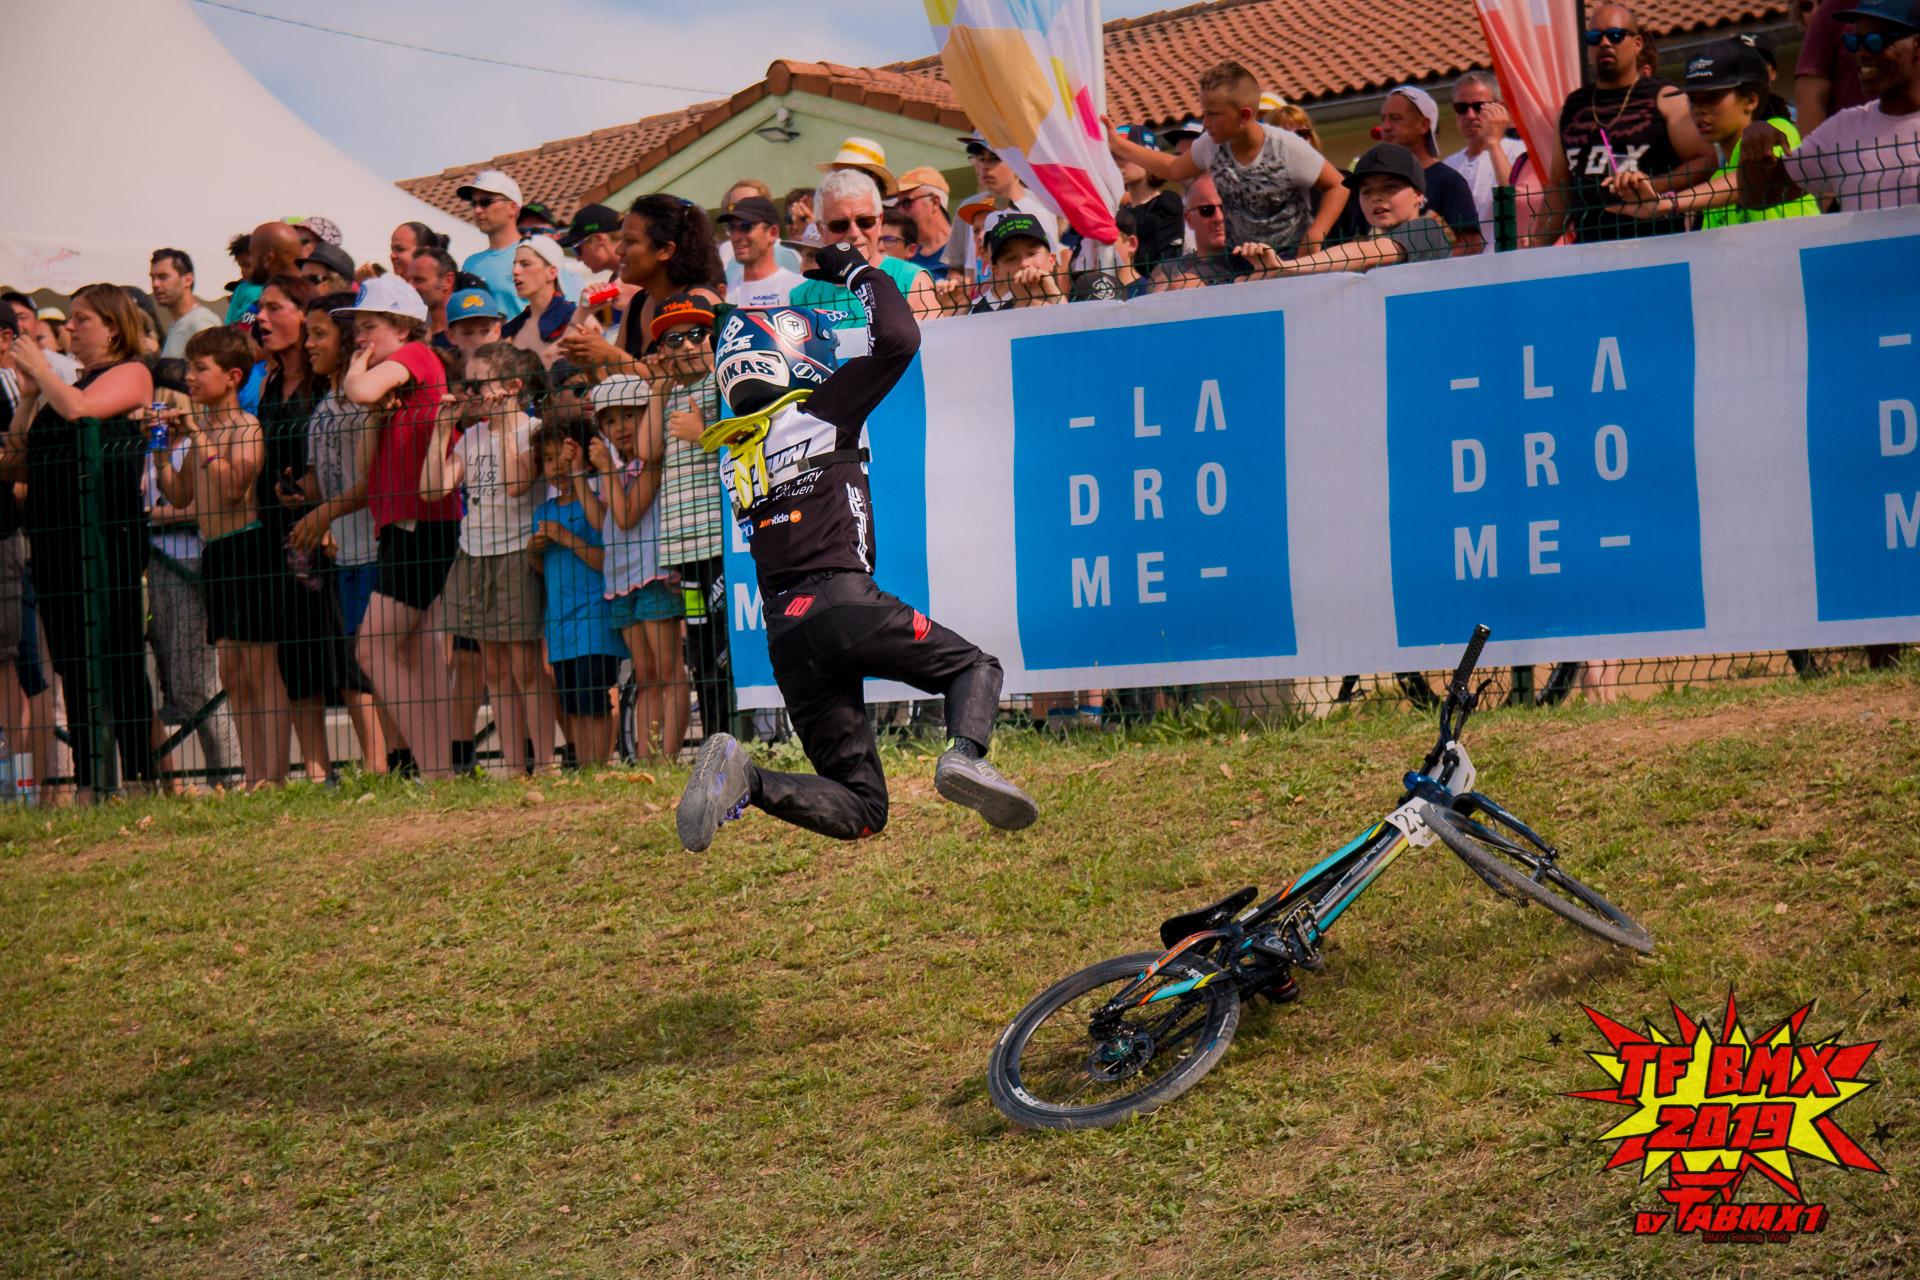 Trophée de France BMX Mours, de belles émotions en images.